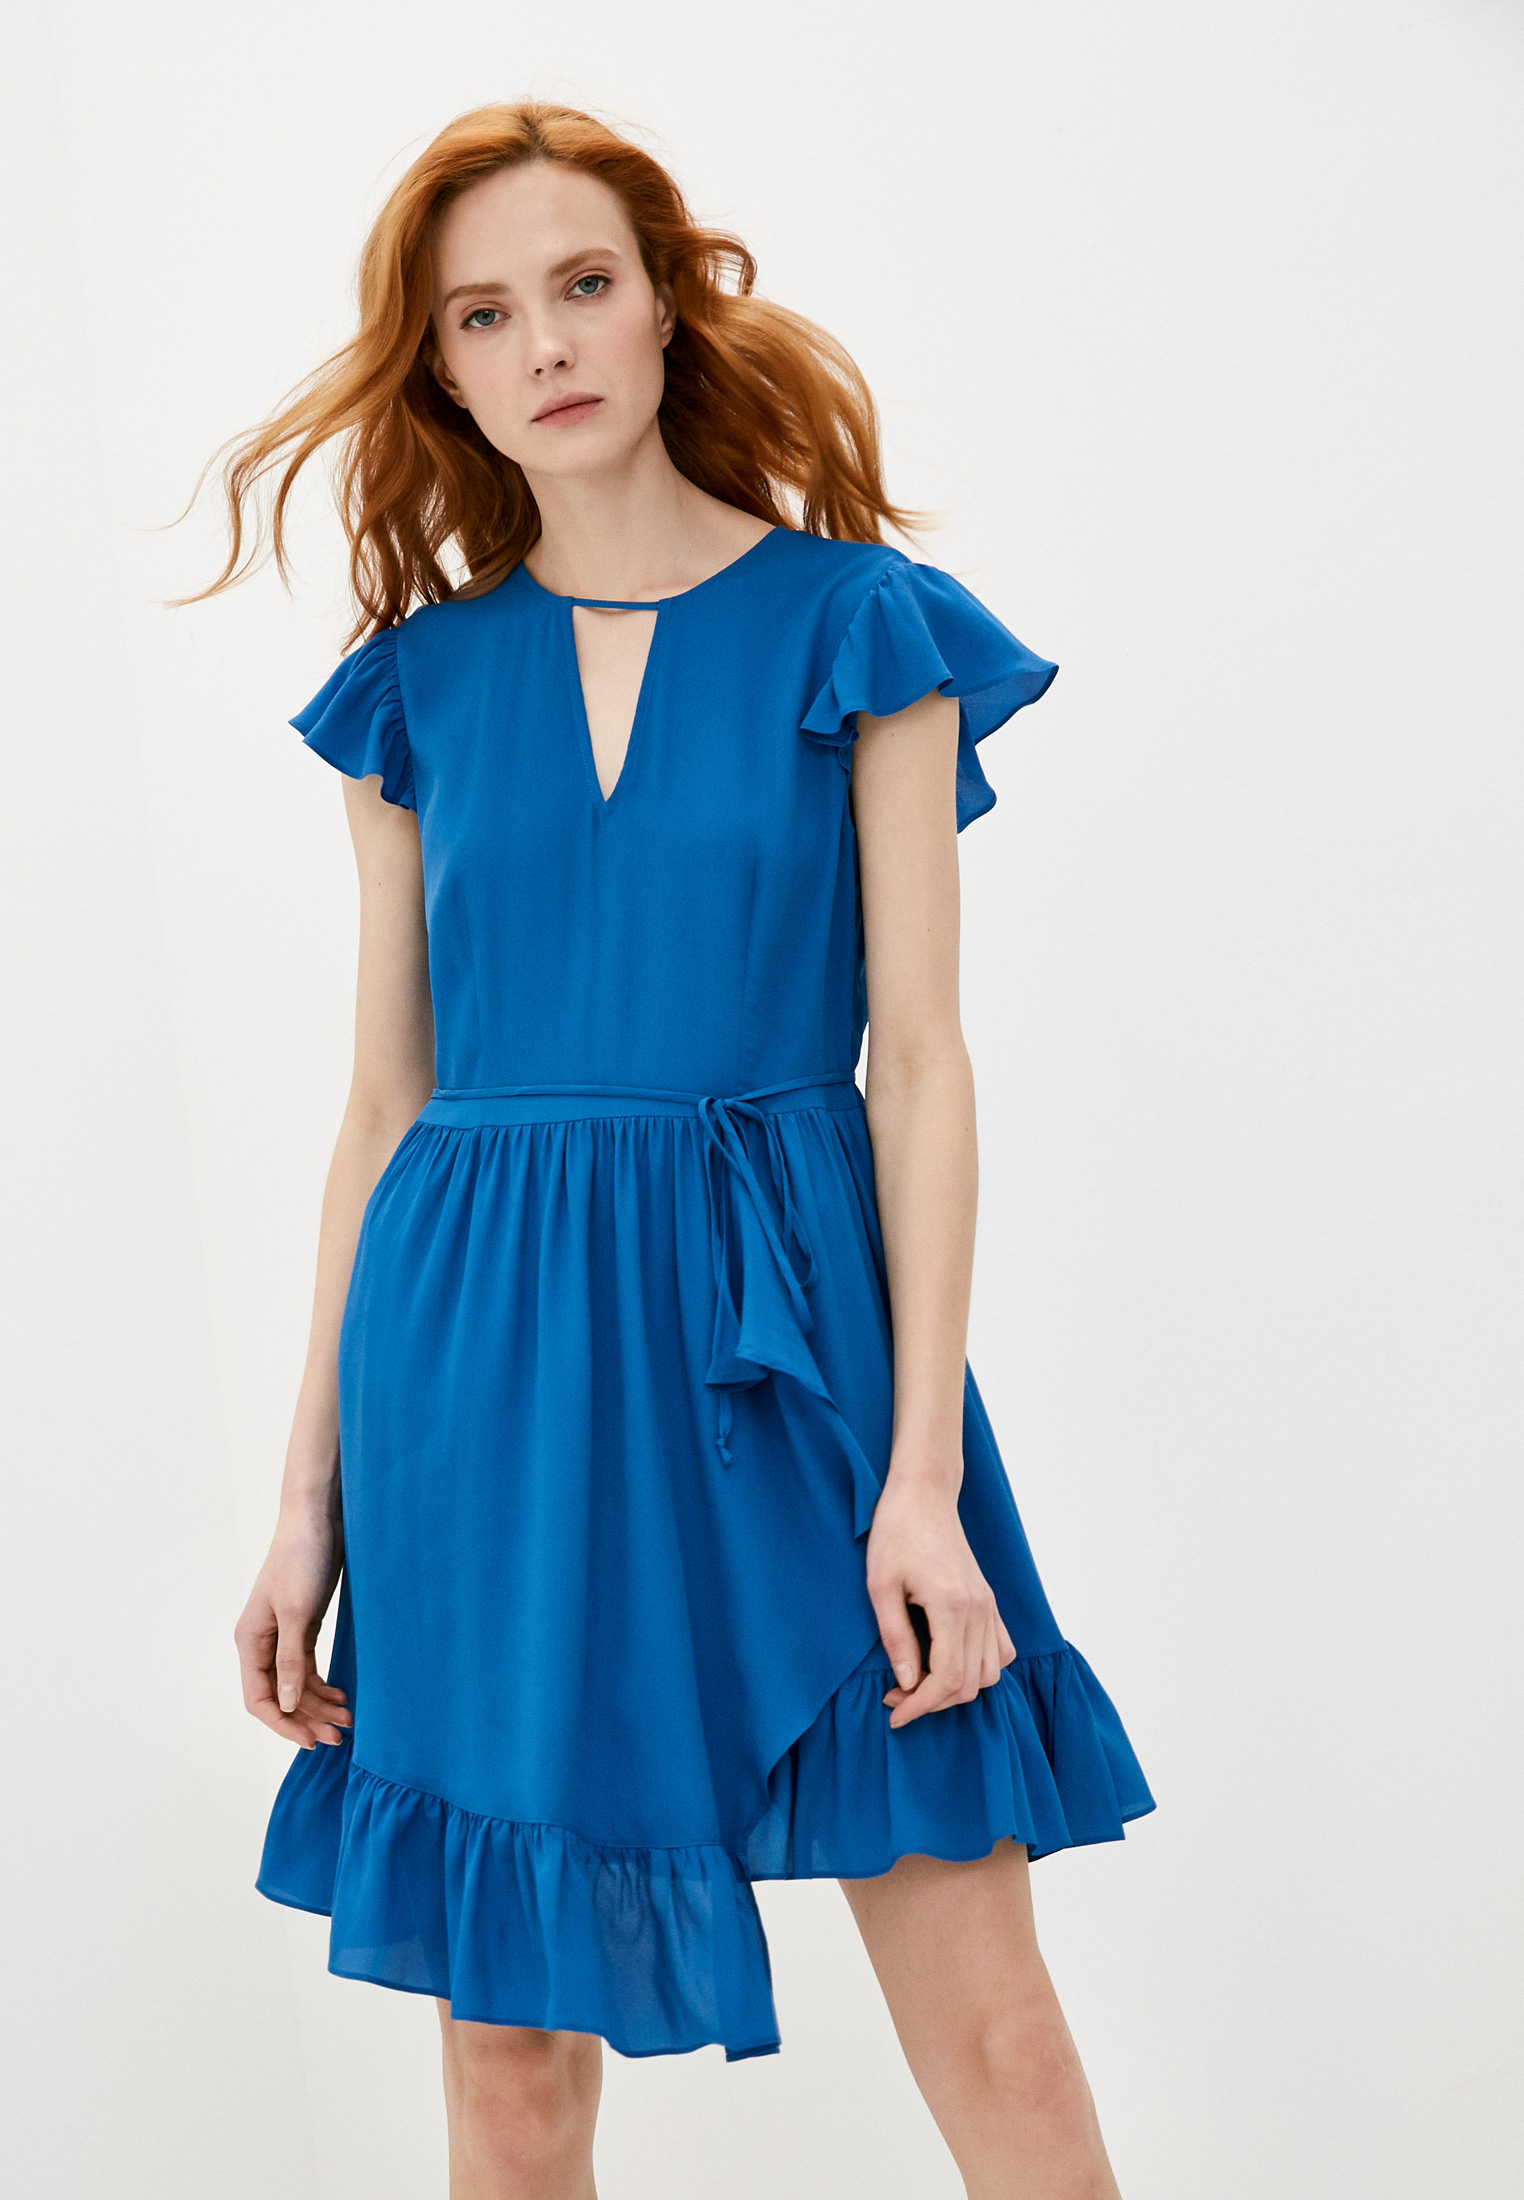 Повседневное платье Twinset Milano Платье Twinset Milano